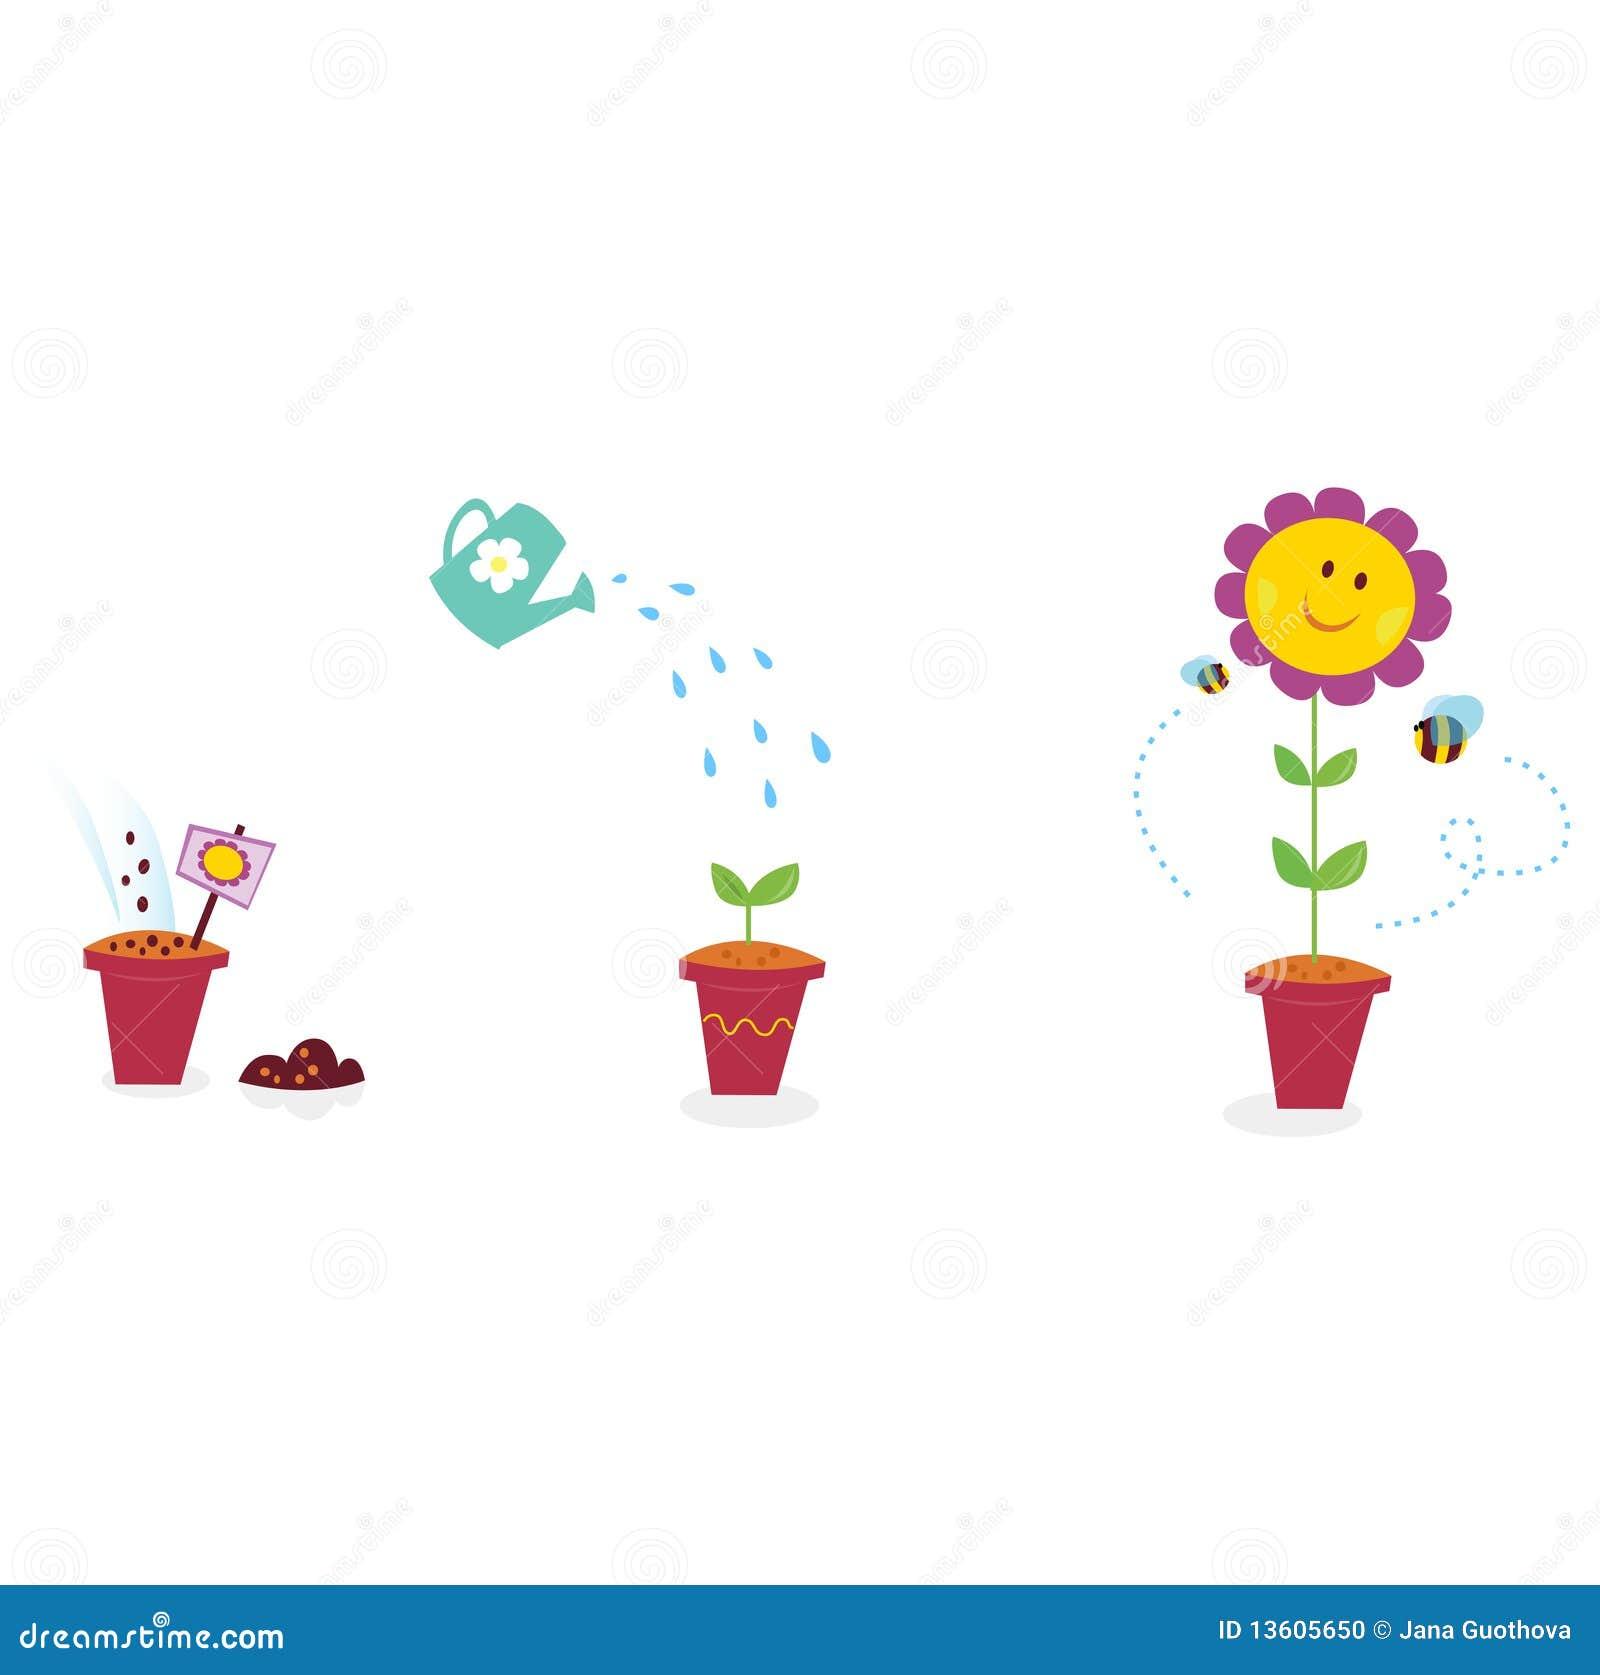 Garden flower growth stages - sunflower